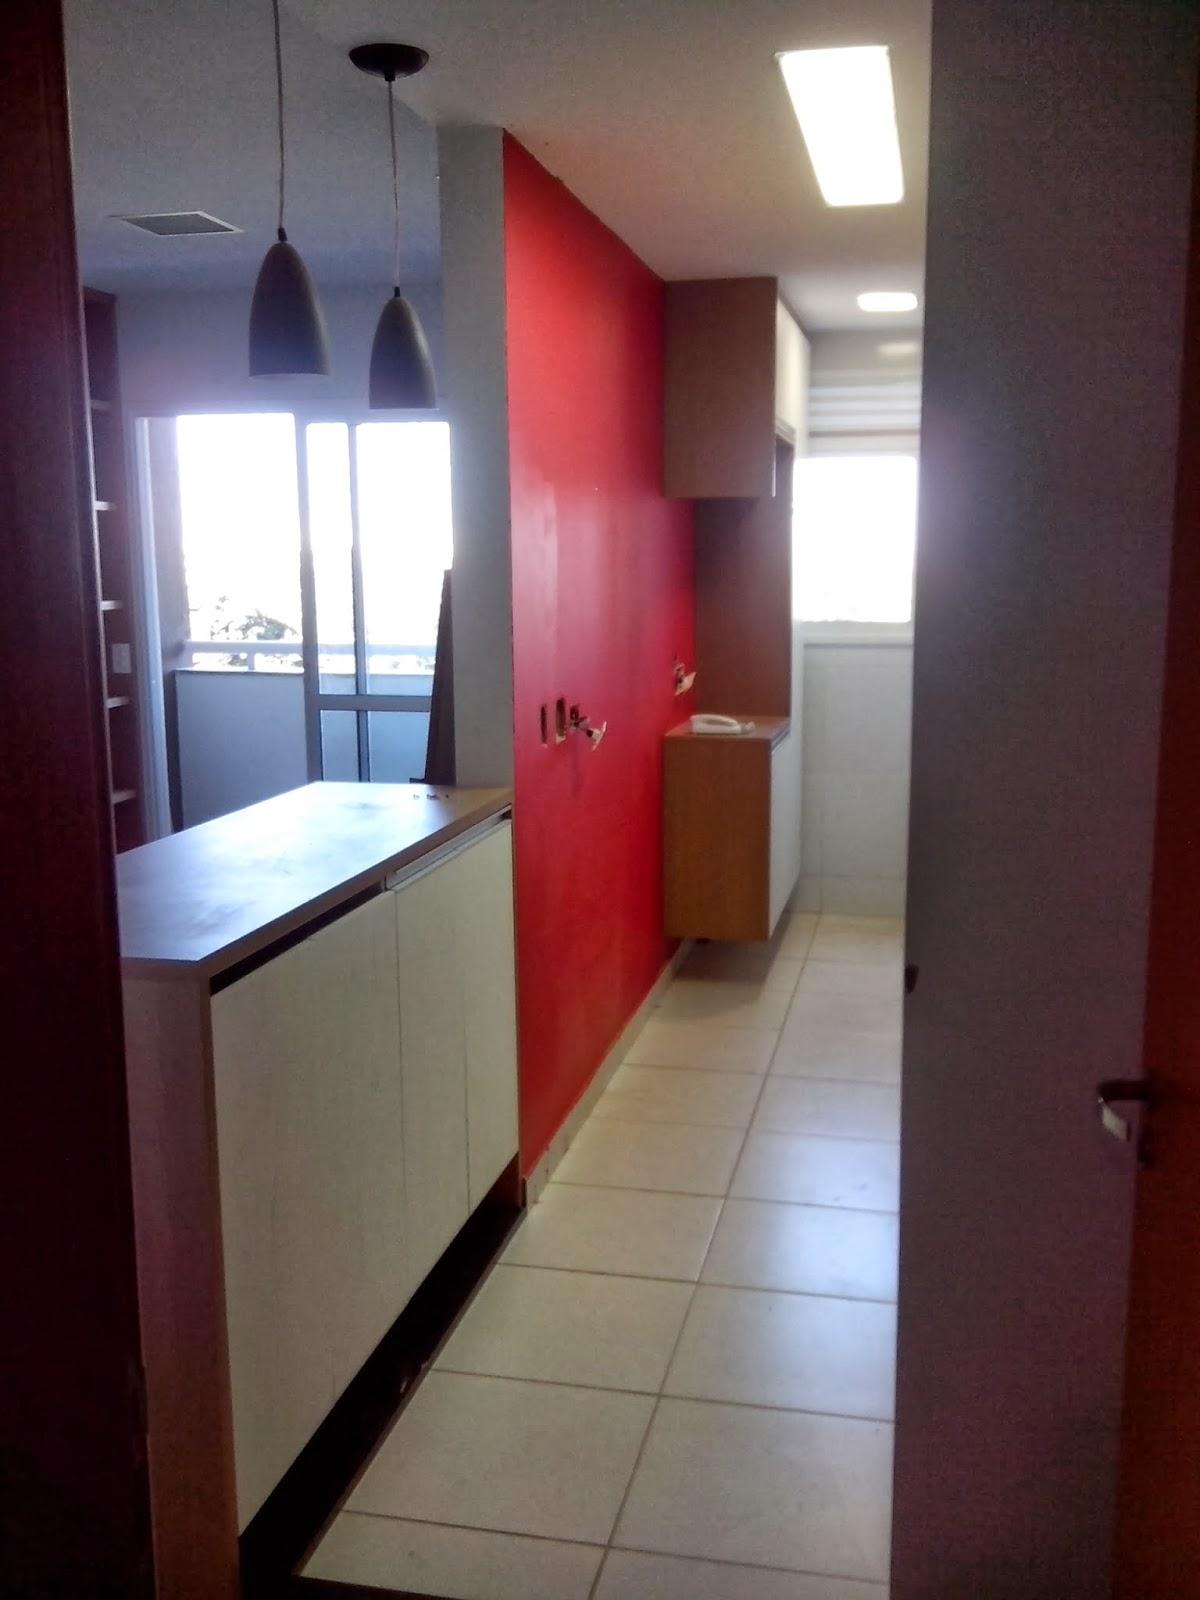 Porta Entre Sala E Cozinha Portas De Correr E Painis Para Dividir  -> Abertura Entre Sala E Cozinha